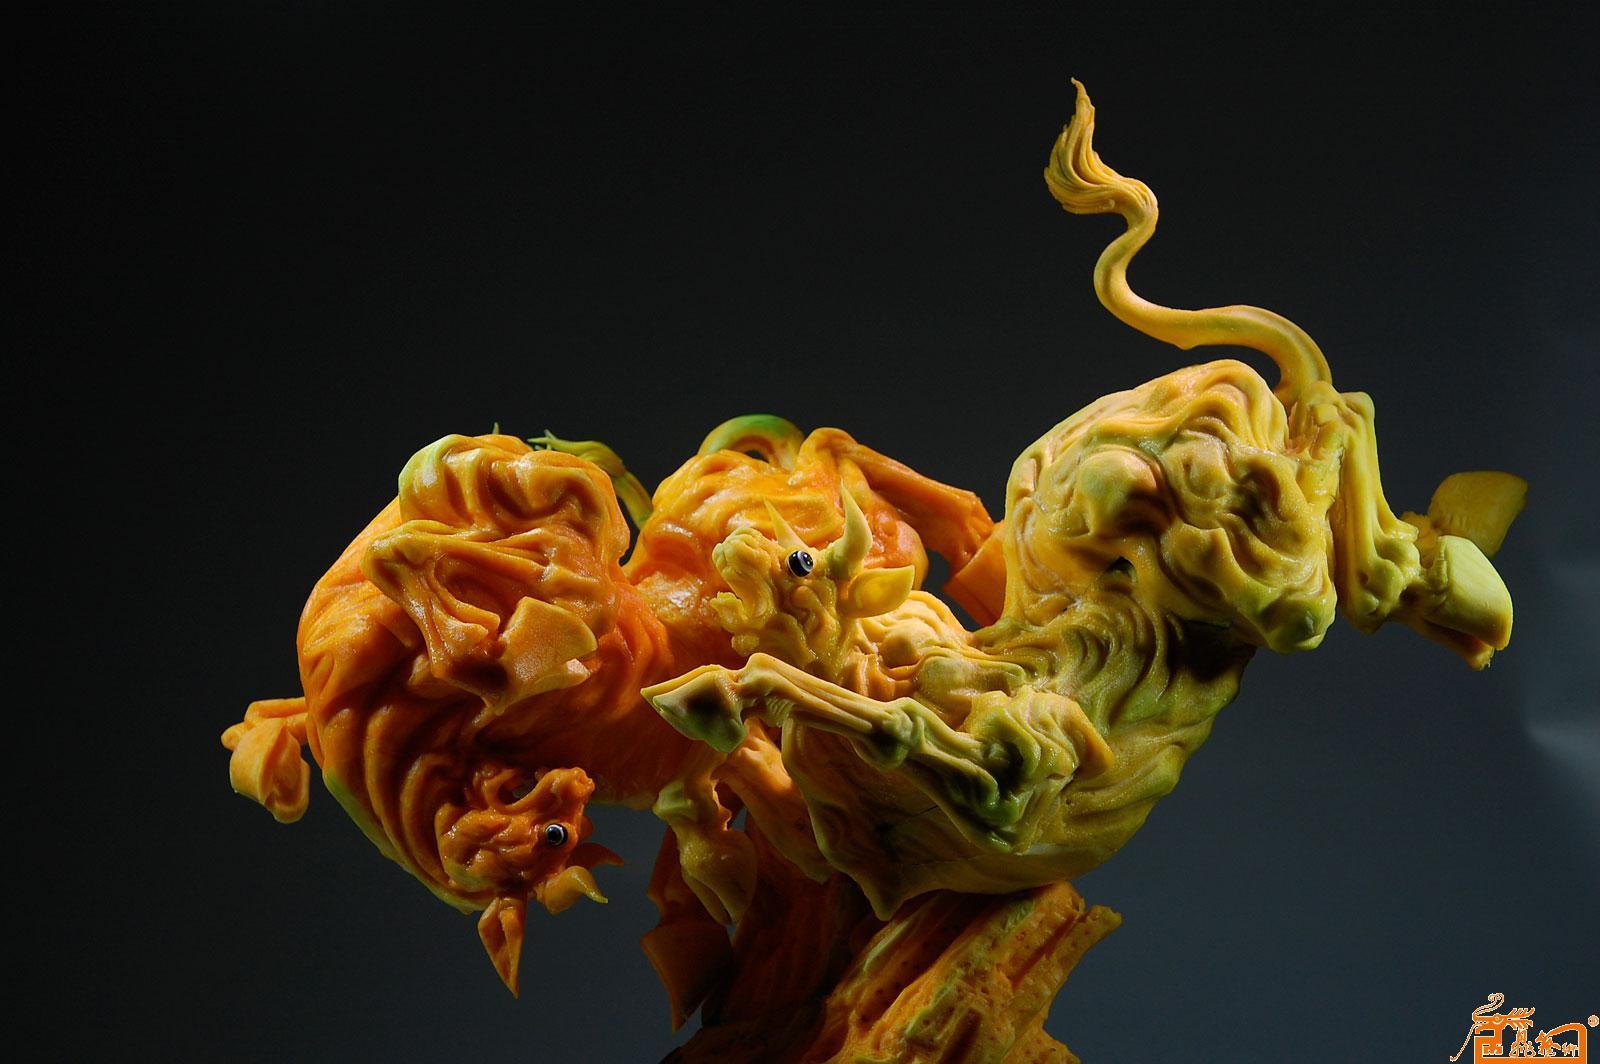 食品雕刻动物作品-作品:《争先恐后》 原料:南瓜